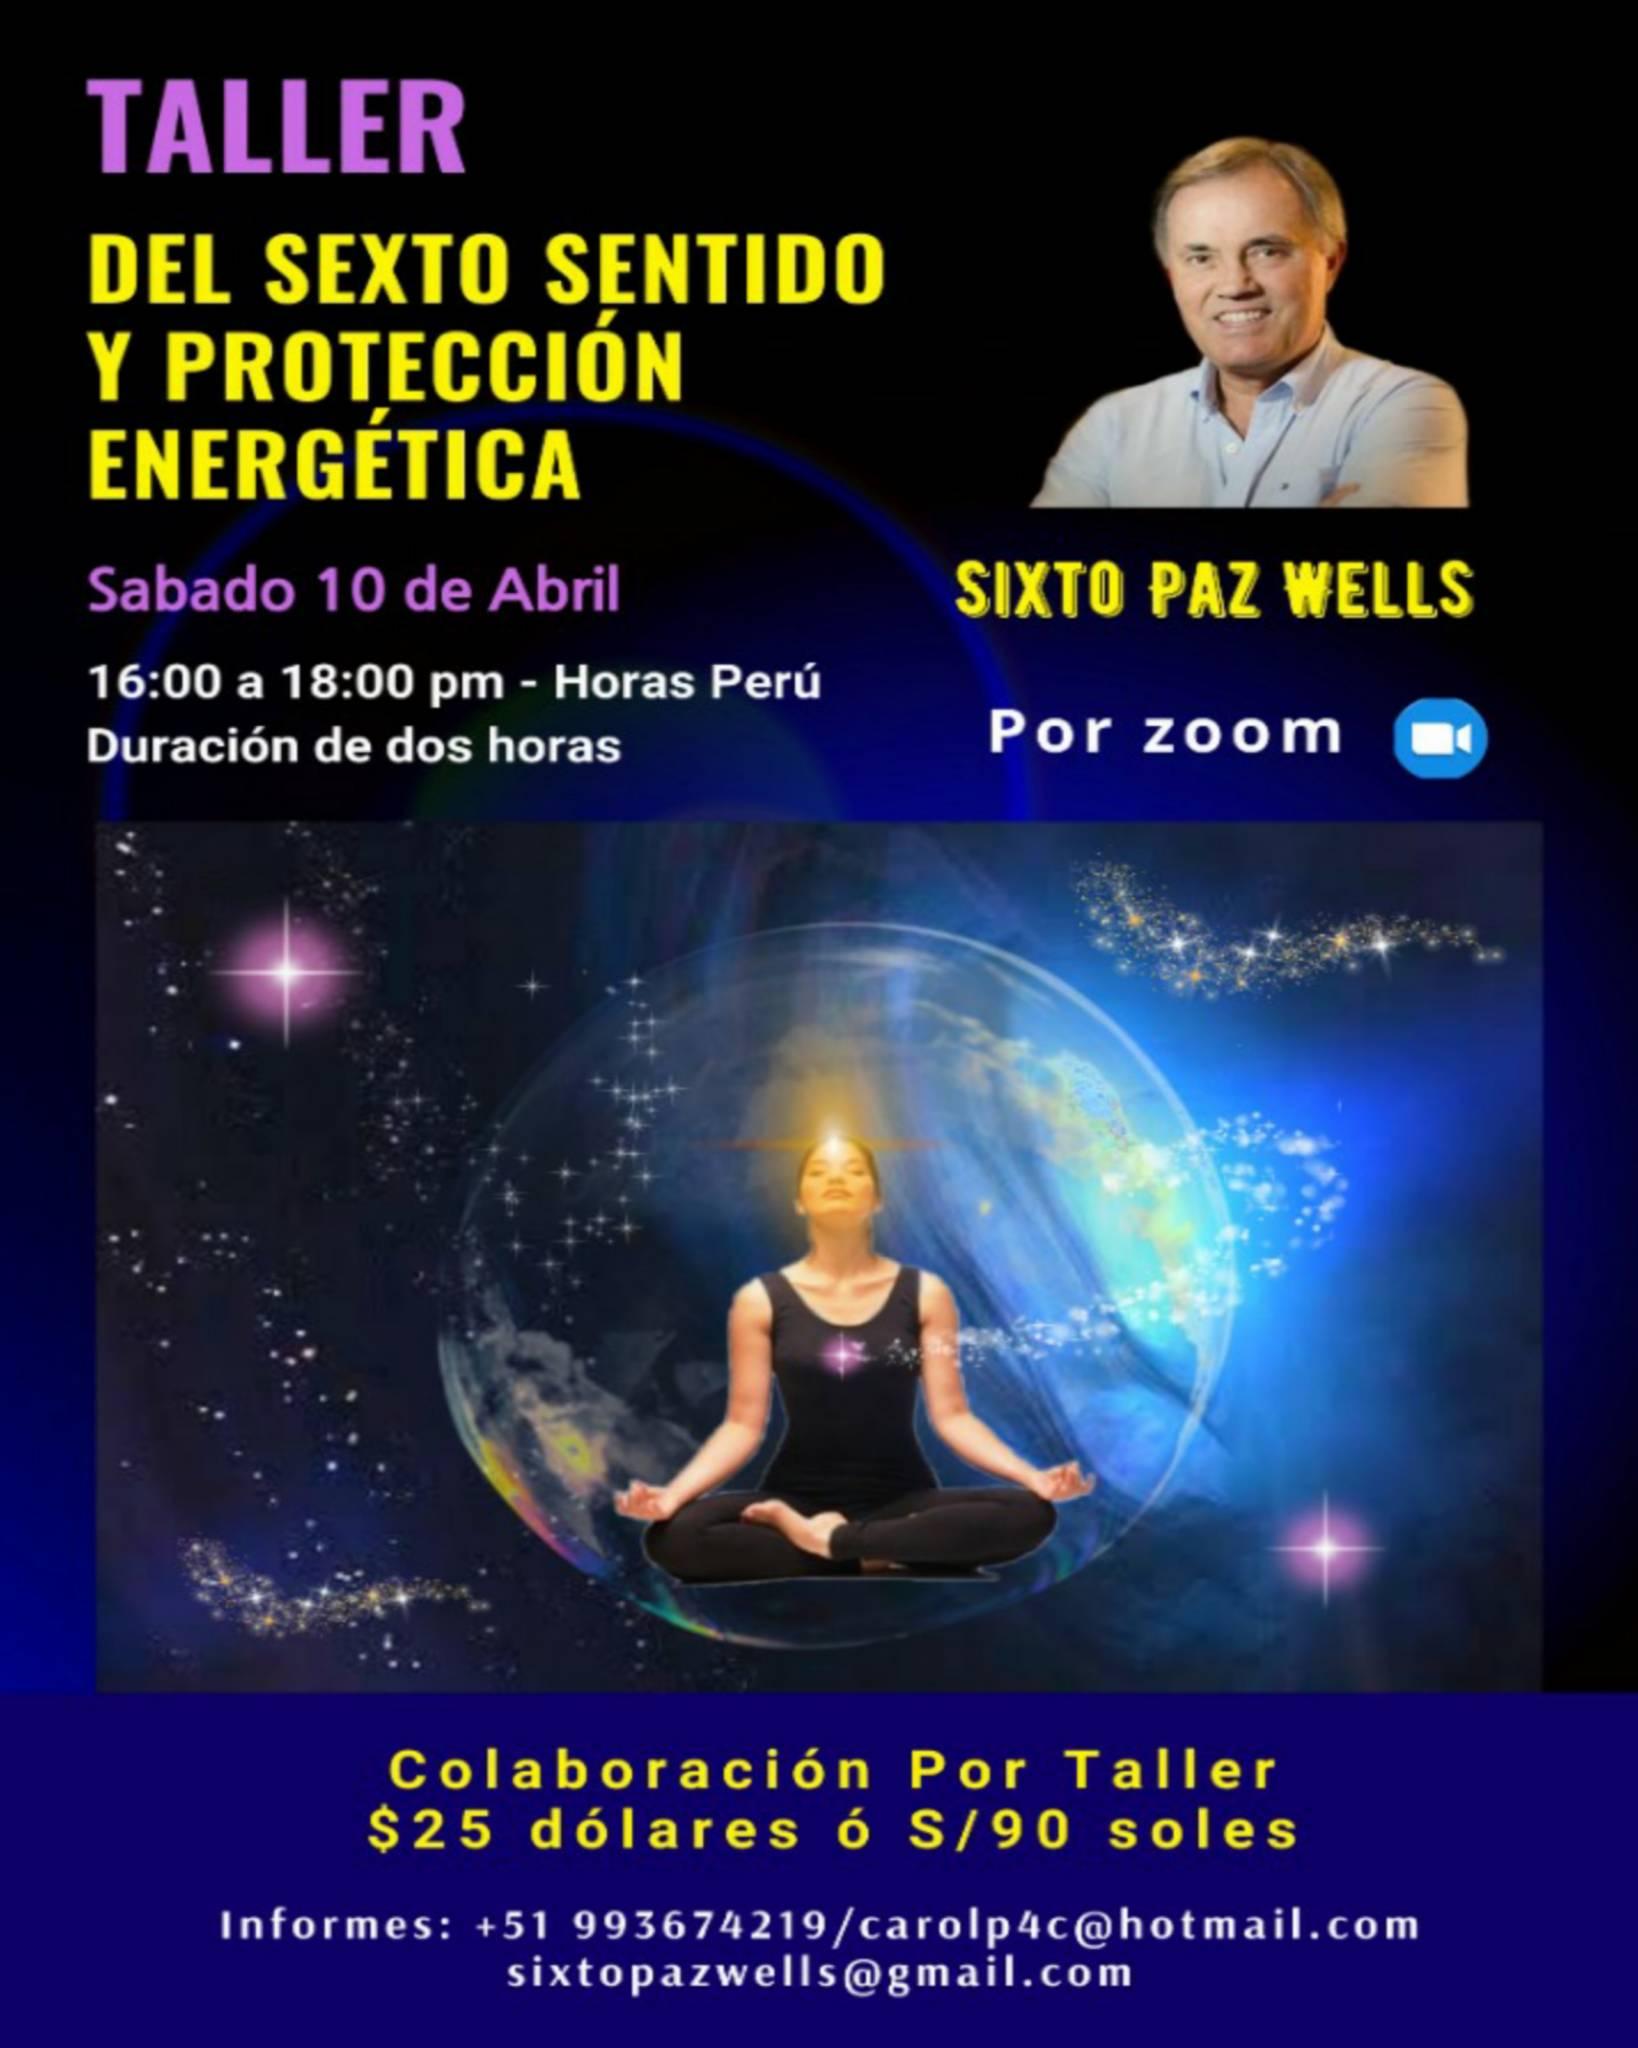 «TALLER DEL SEXTO SENTIDO Y PROTECCIÓN ENERGÉTICA»